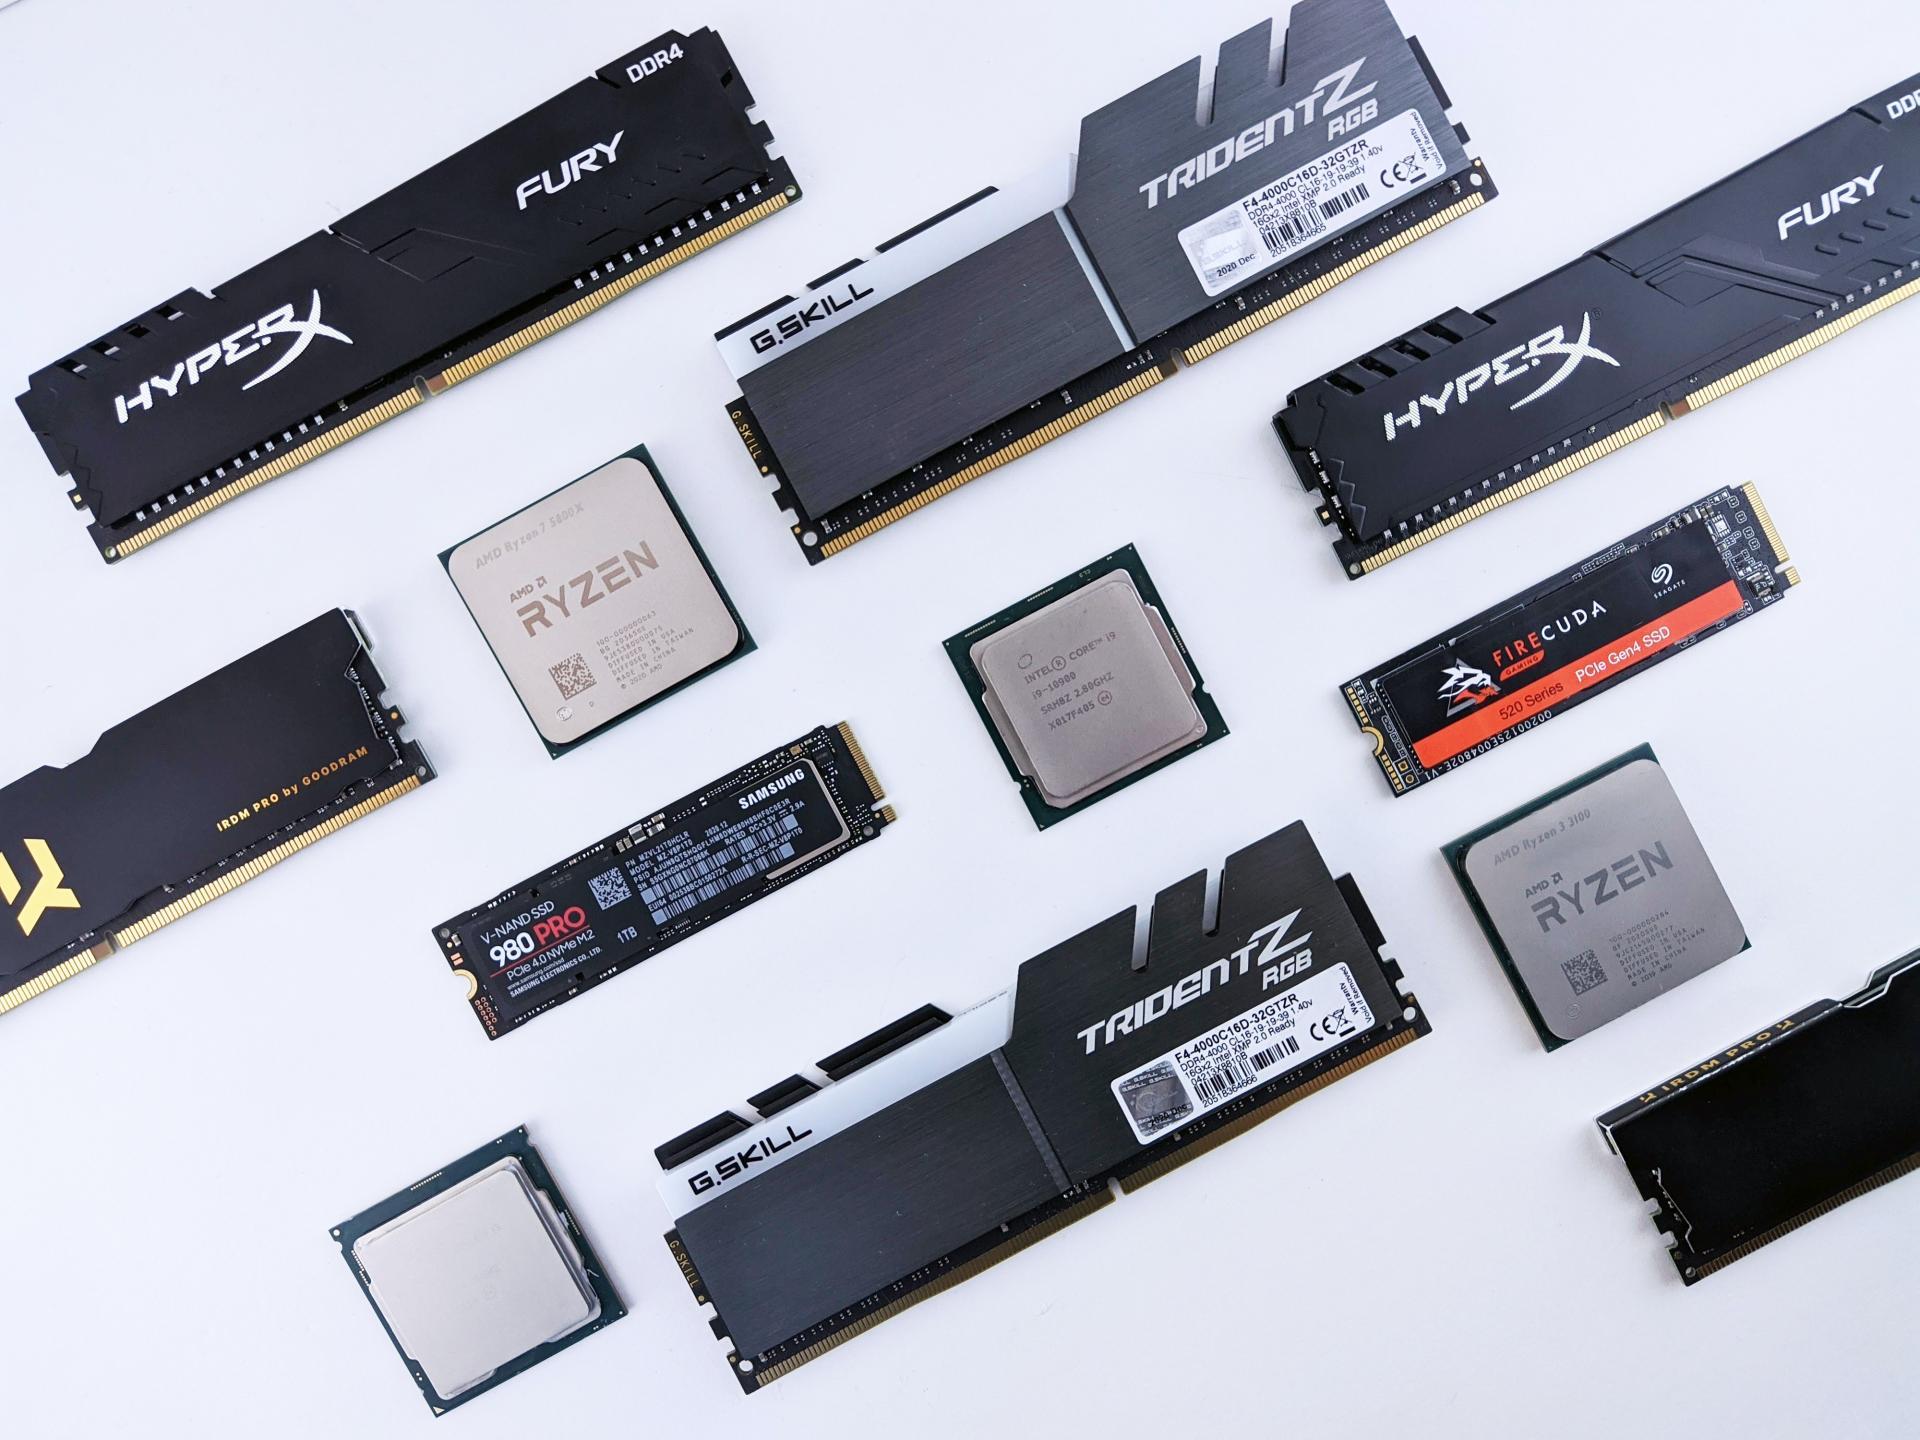 Лучшая оперативная память 2021 года: выбираемсверхбыстрые модули